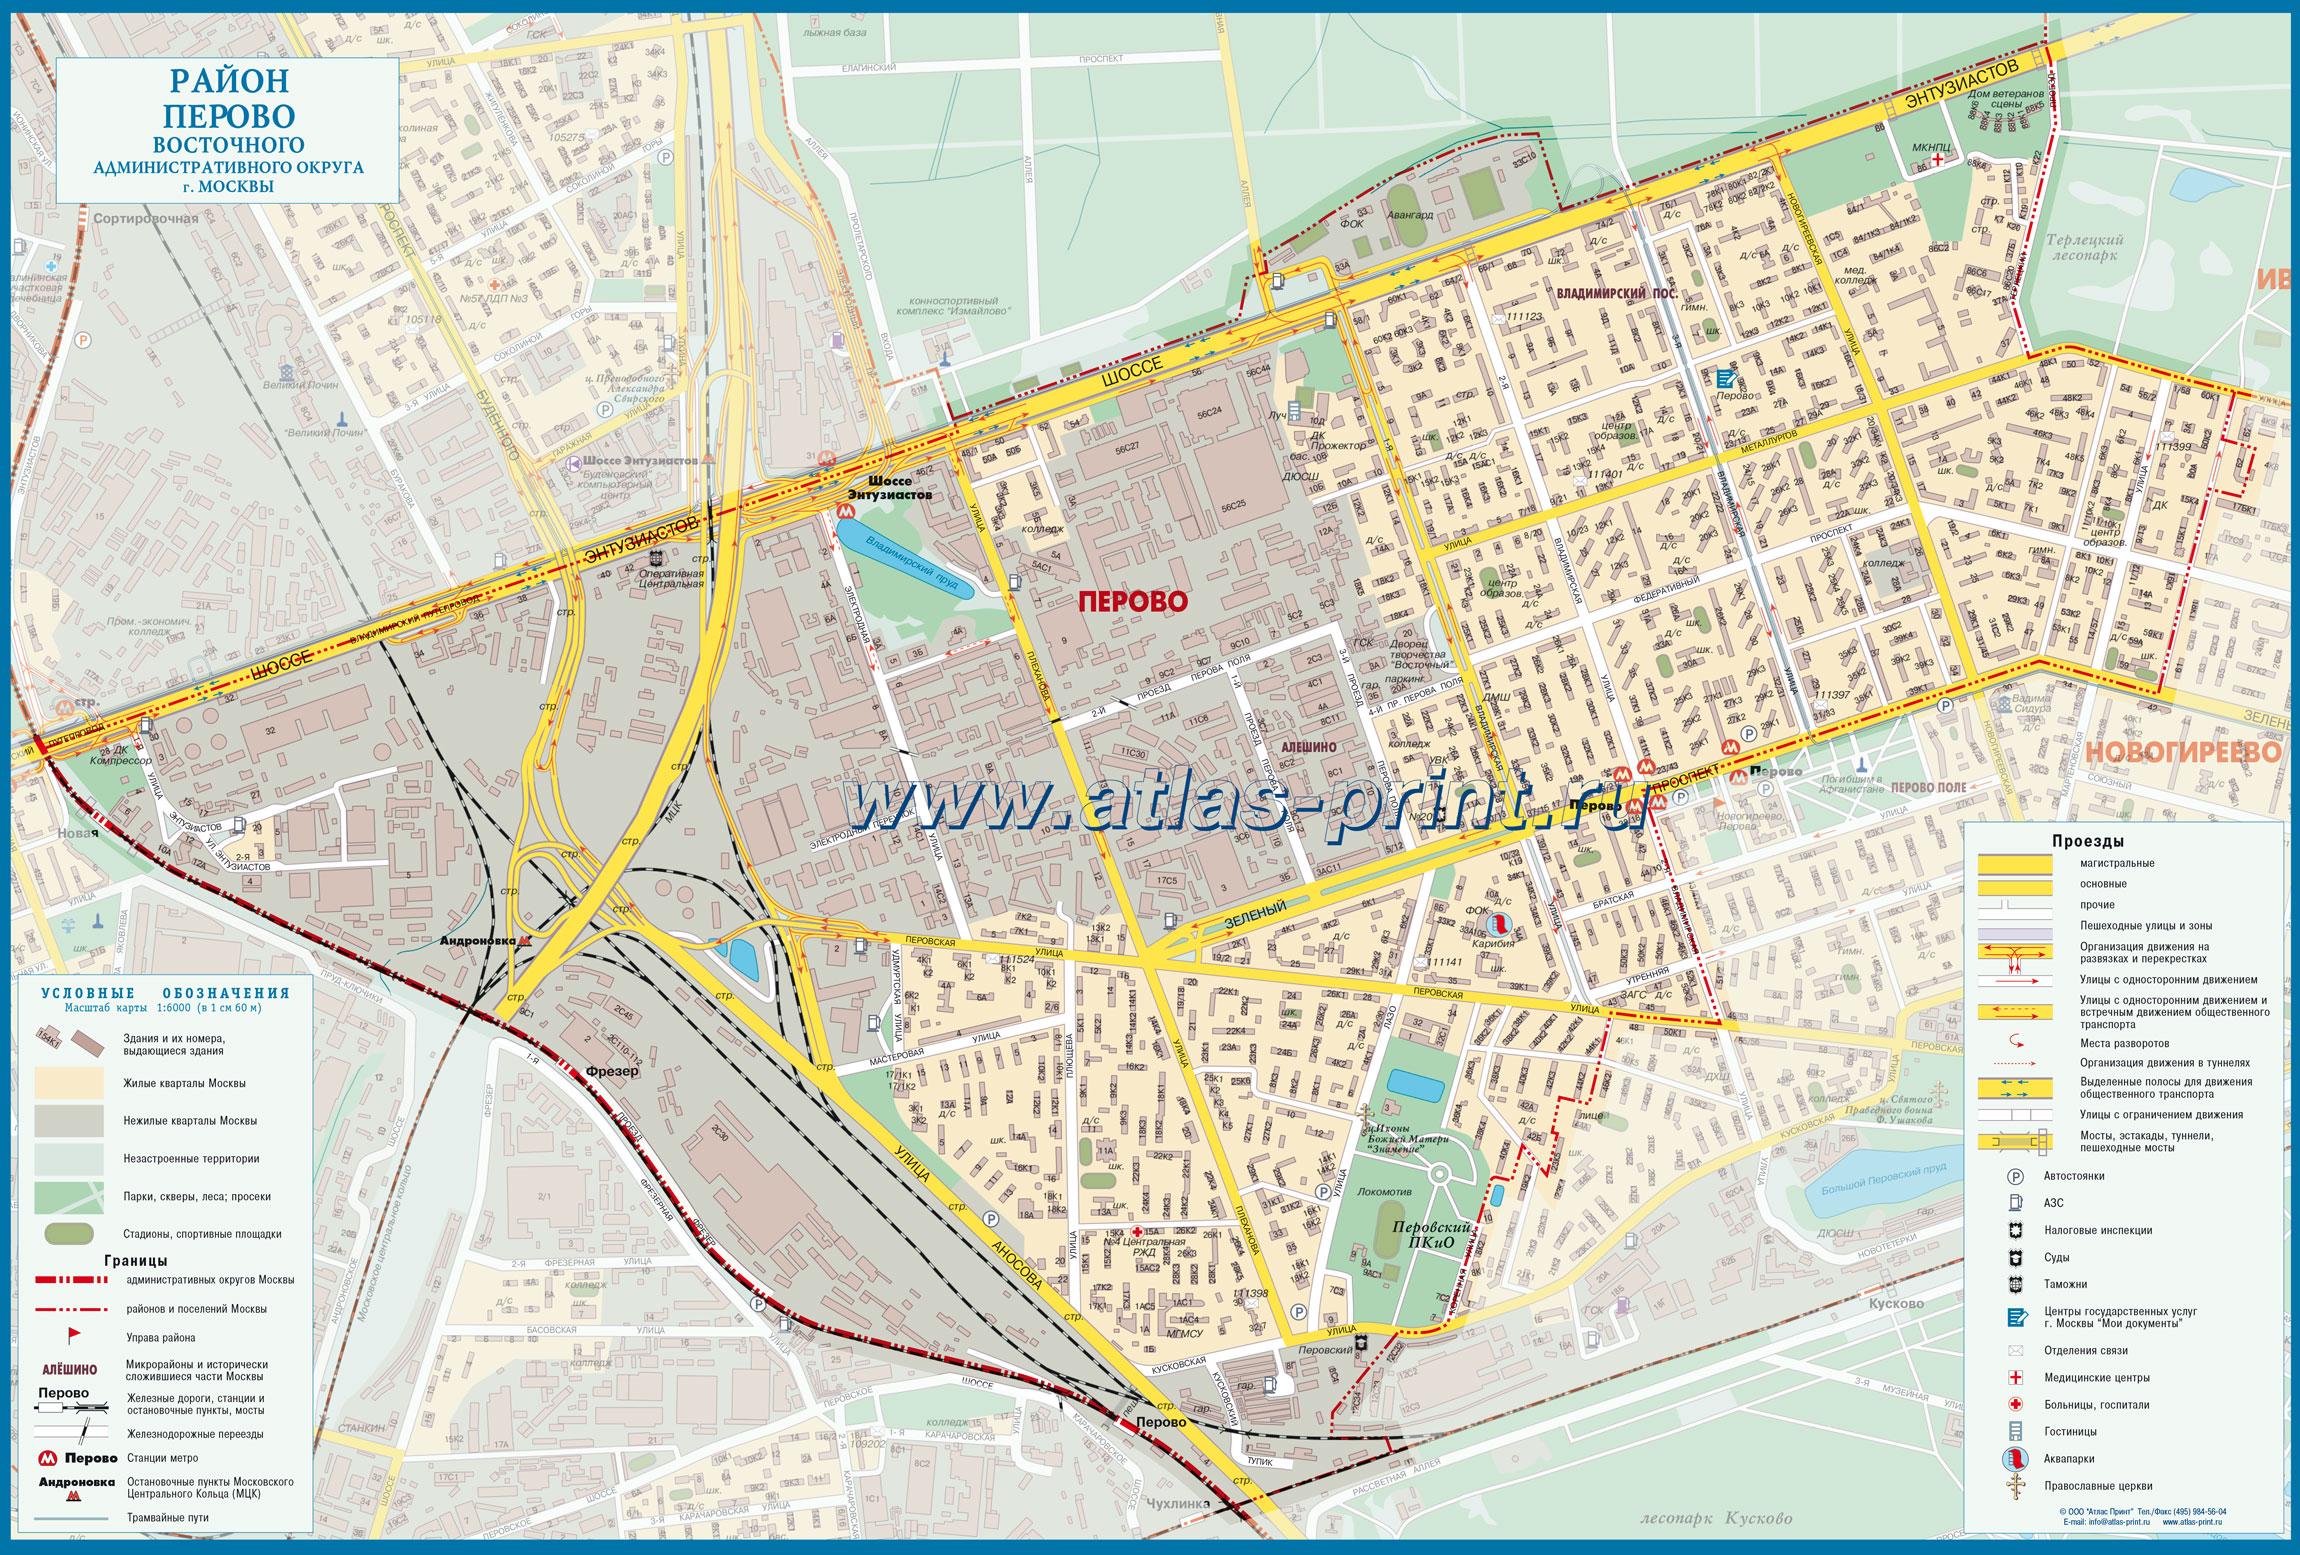 Настенная карта района ПЕРОВО (Восточный административный округ г. Москвы) 1,00*0,67м, ламинированная